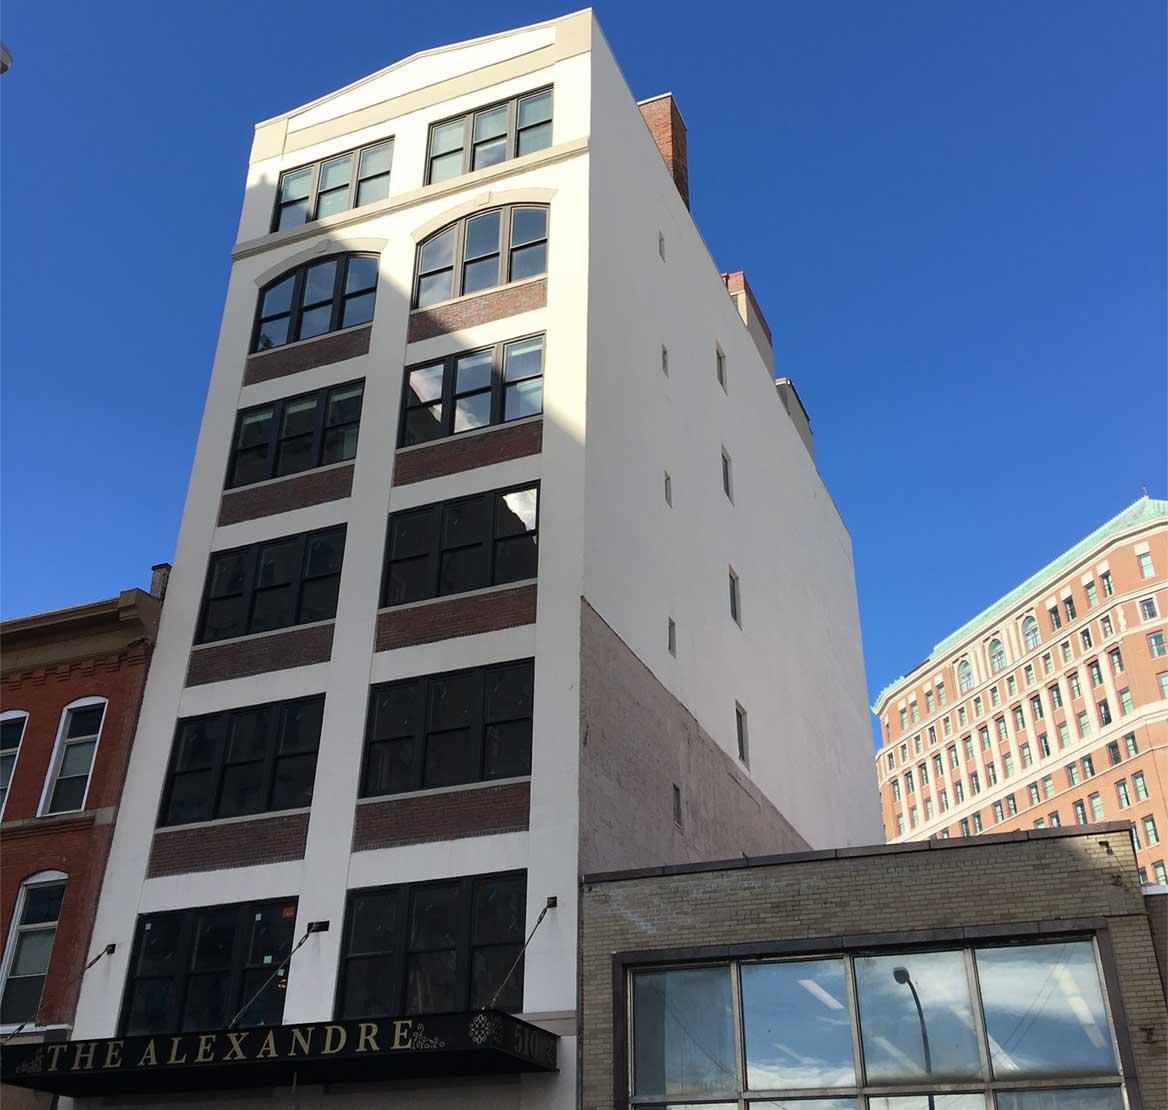 The Alexandre Apartments in Buffalo, NY